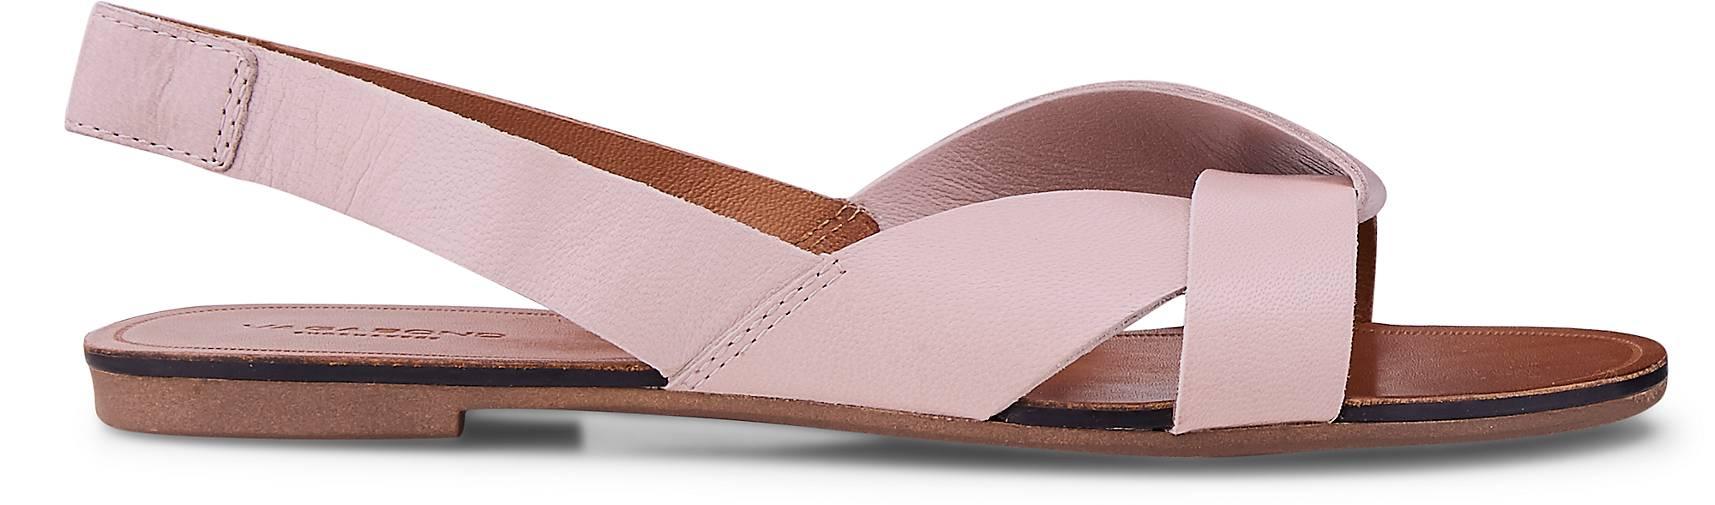 Vagabond Sandalette TIA in in in Rosa kaufen - 47309701 GÖRTZ Gute Qualität beliebte Schuhe 6dbb7f